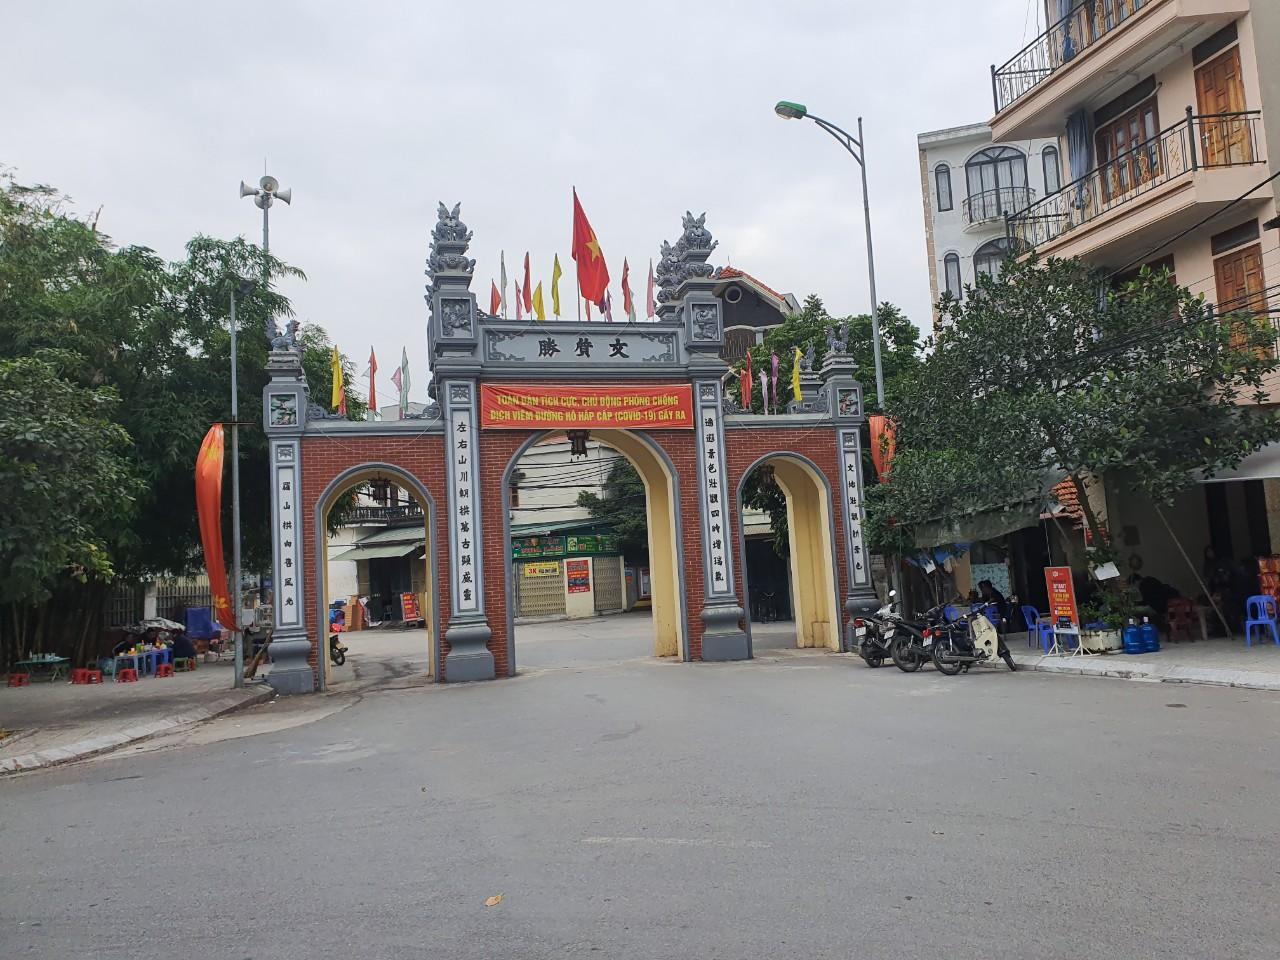 Nhà Riêng 5 tầng xây 5 căn Bán - Ngõ 11, phố Văn La, - Phú La - Hà Đông - Hà Nội (21.12.2020)